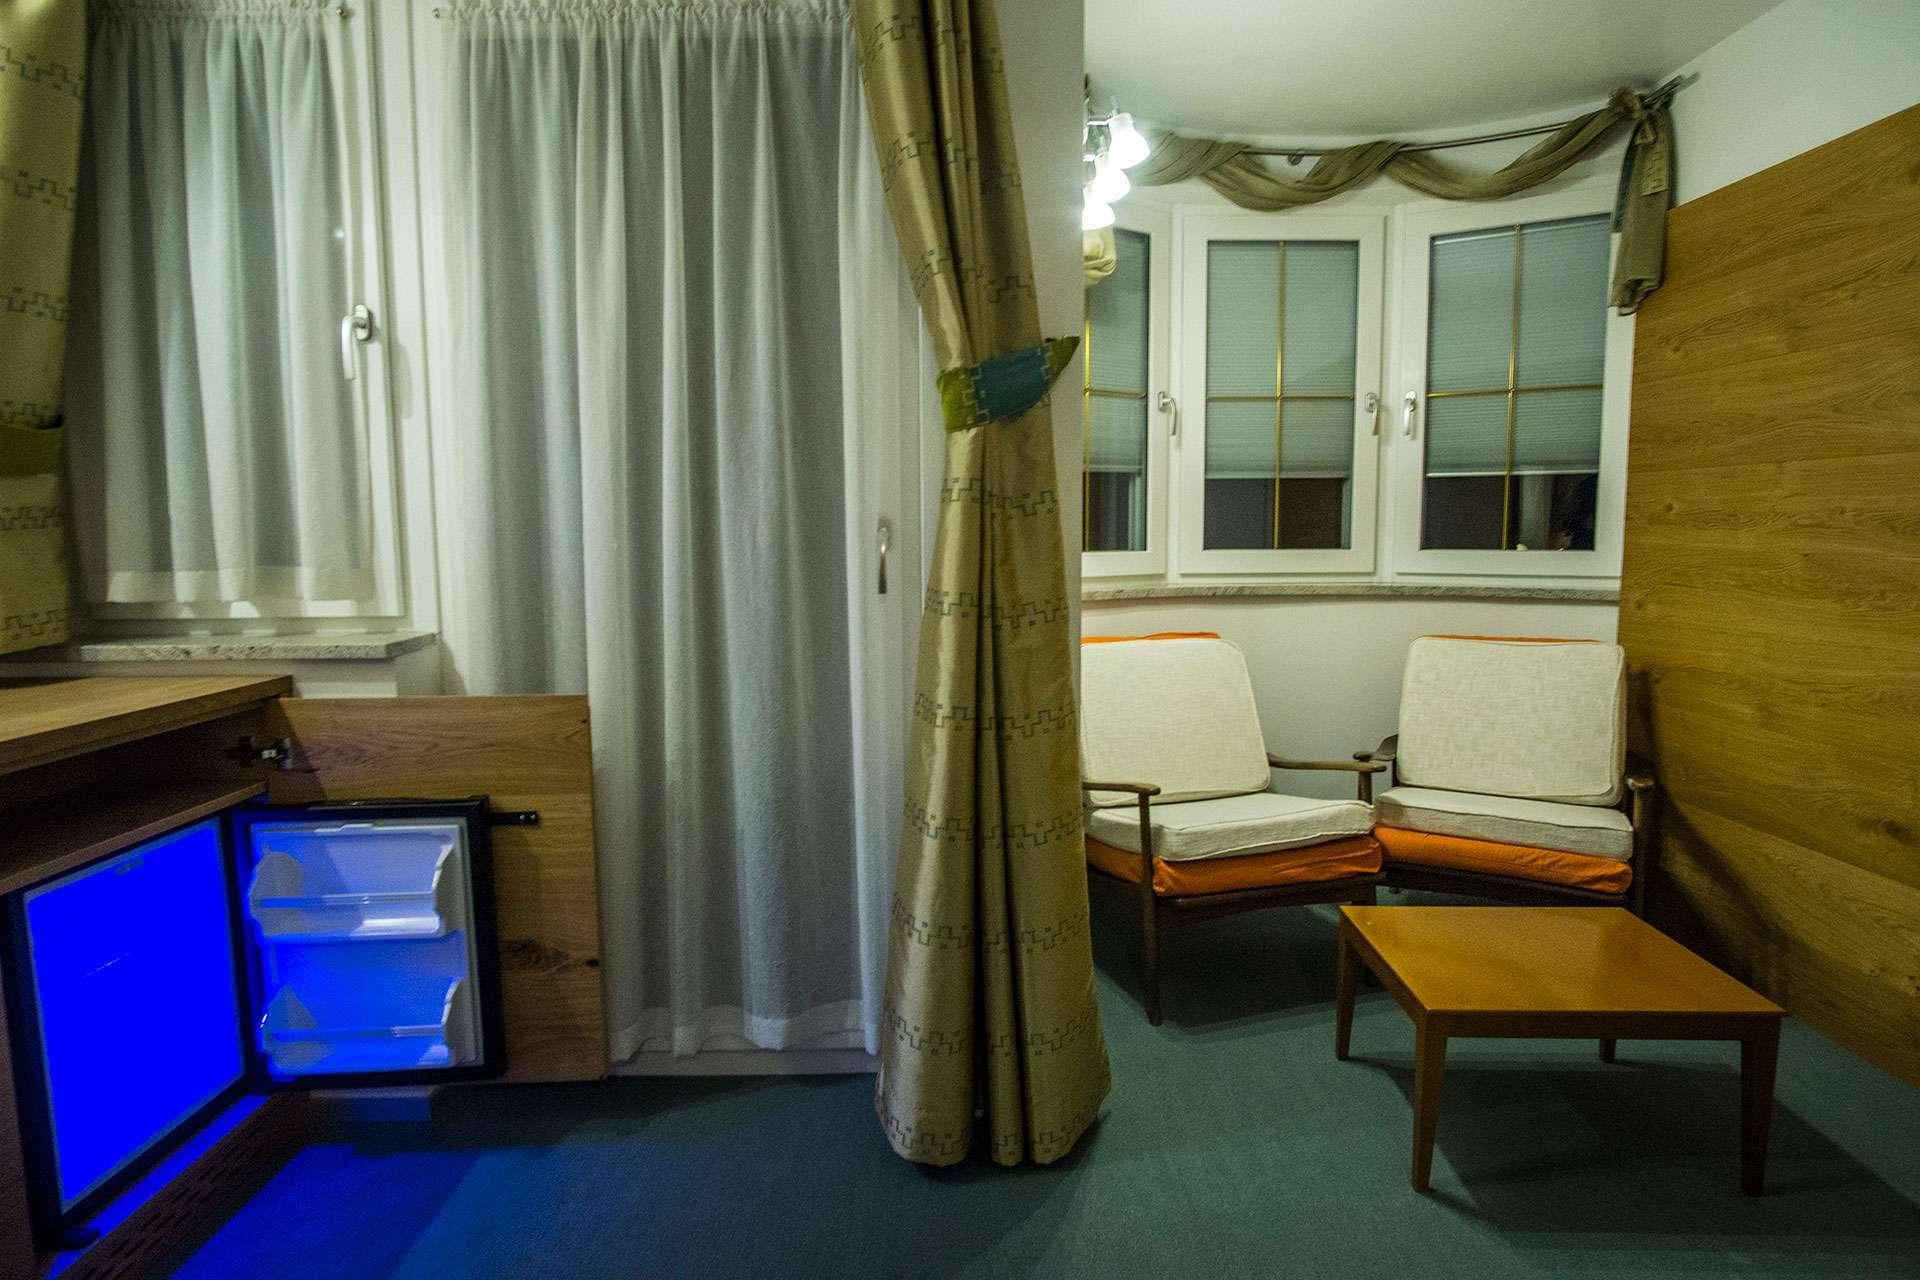 Mini camere da letto gallery of non vuol dire che non - Mini camere da letto ...